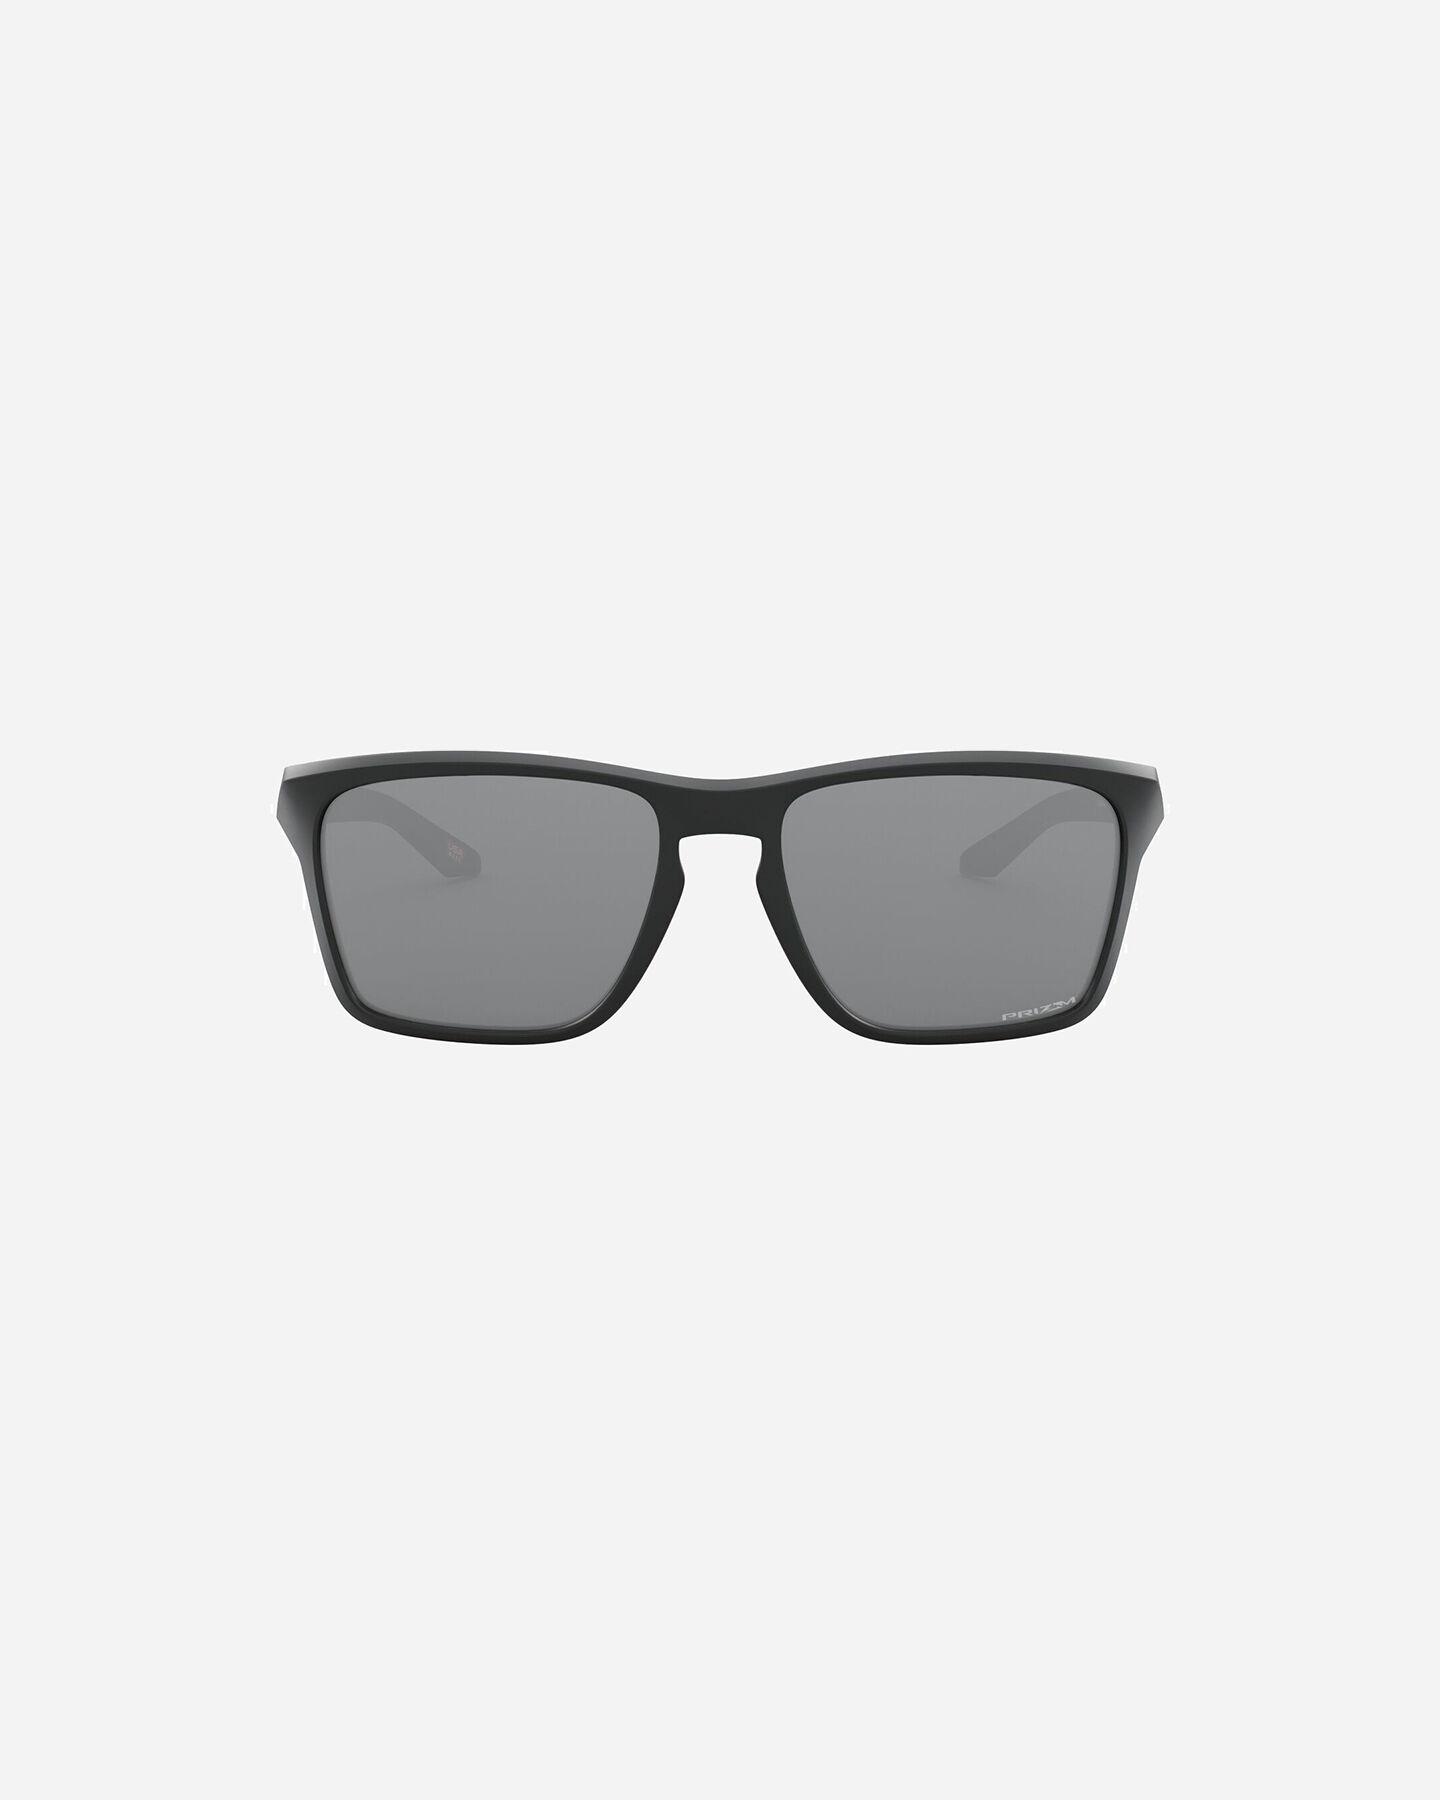 Occhiali OAKLEY SYLAS S5221235 0357 57 scatto 1